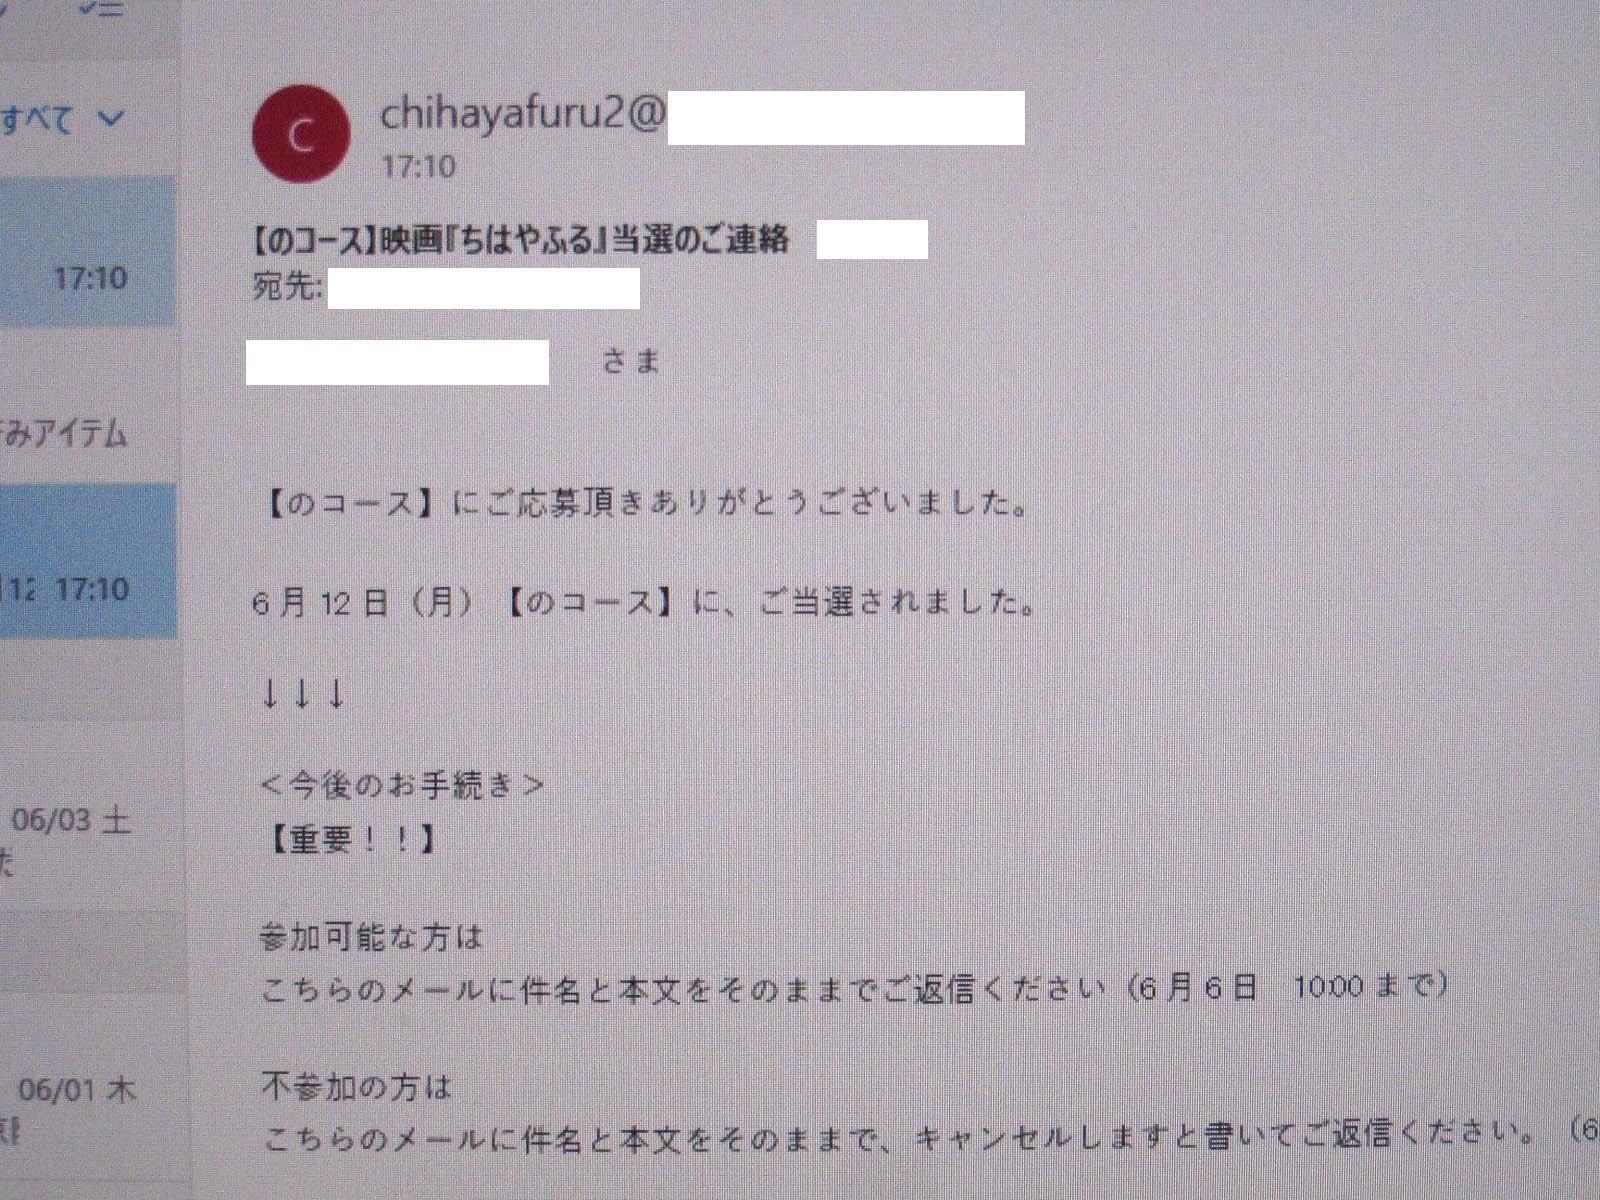 6月12日当選メール